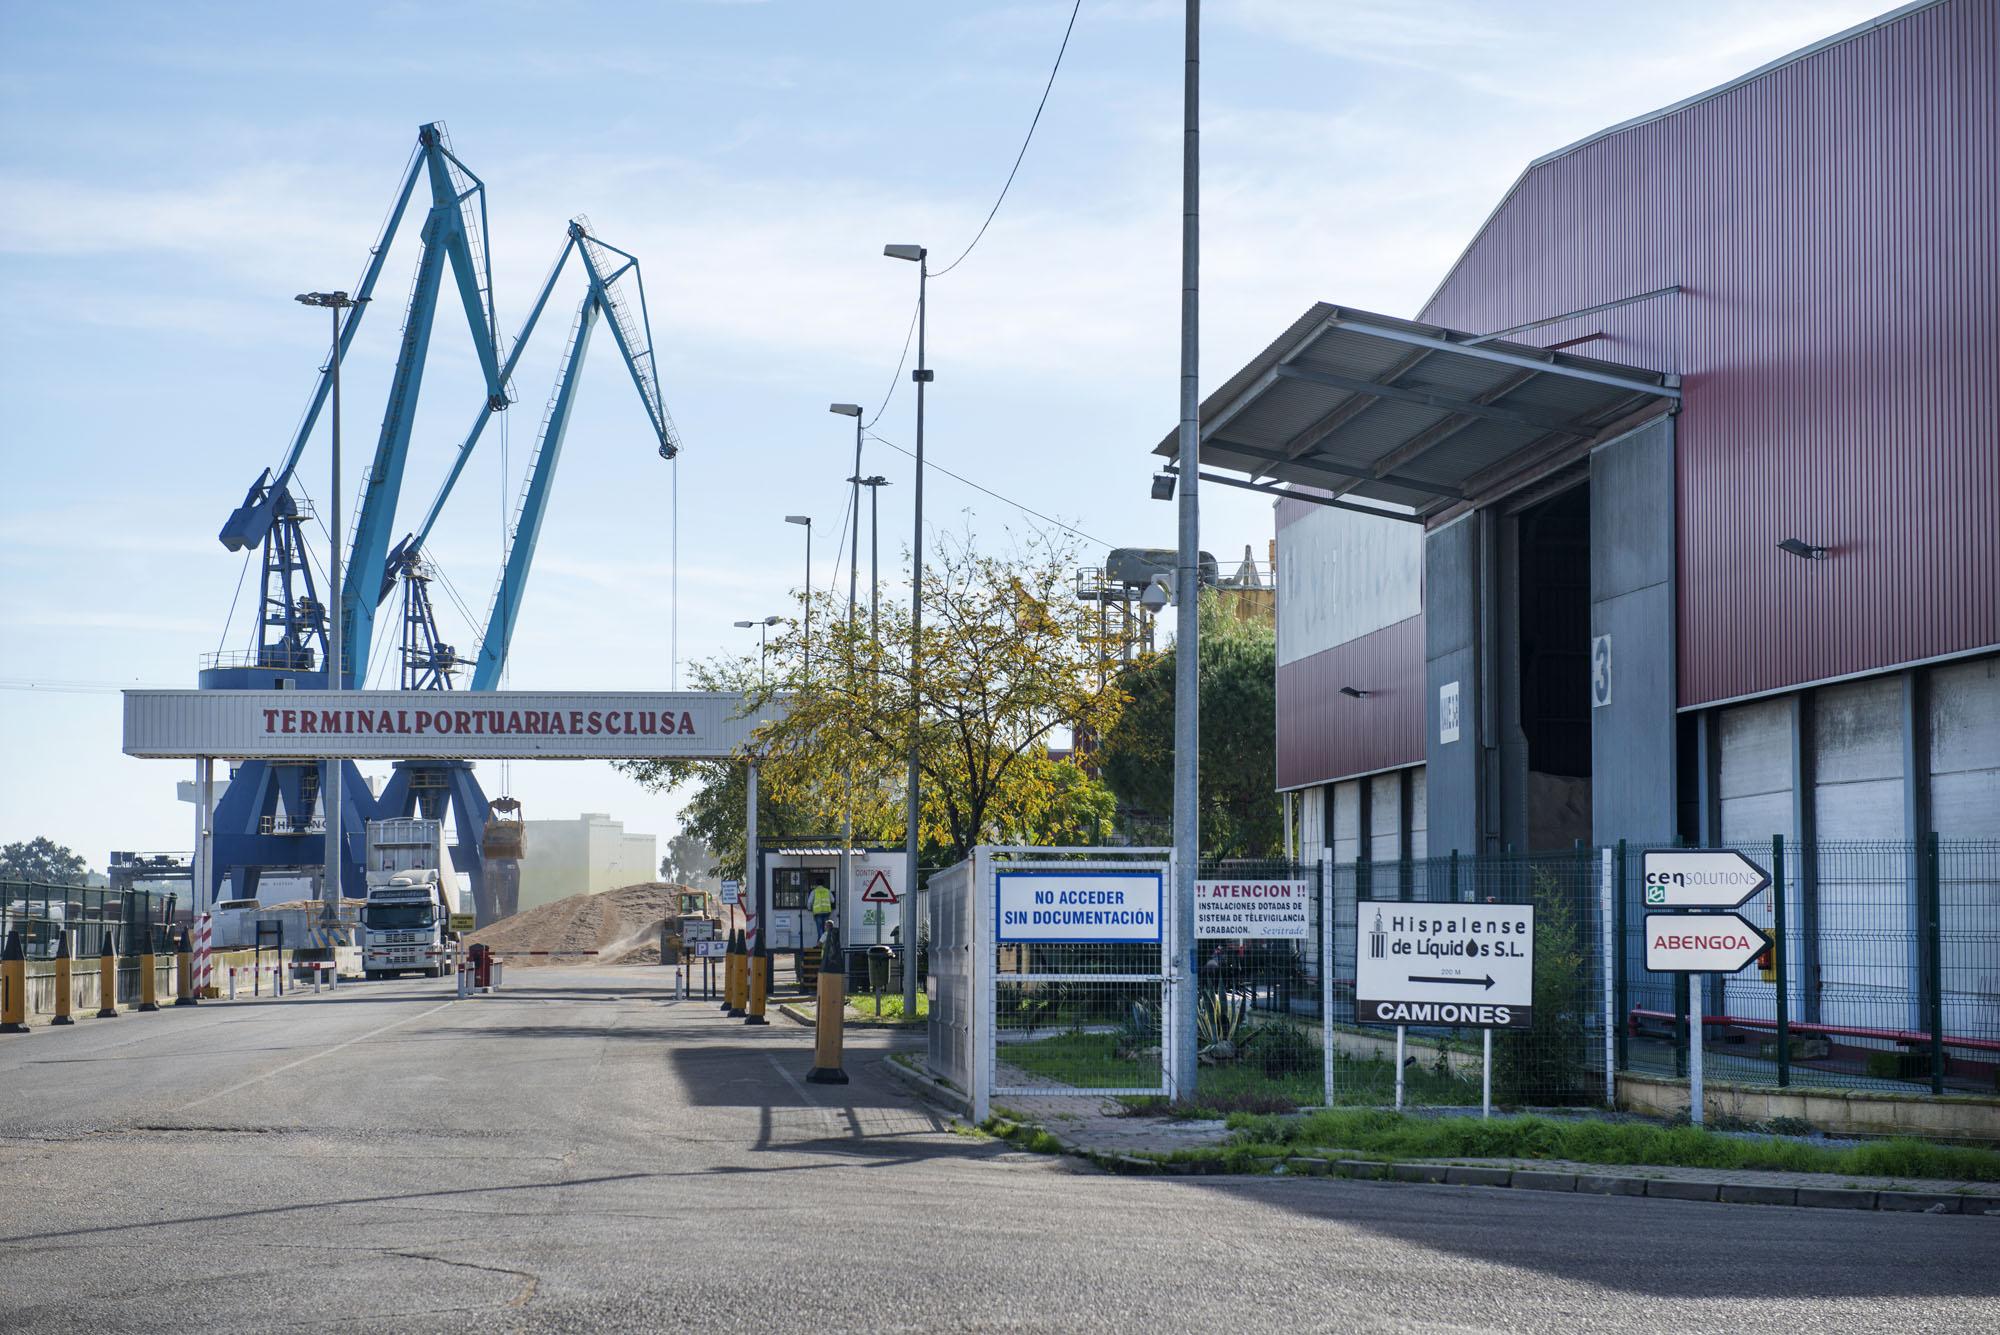 El sector logístico-portuario español ultima los preparativos antes del Brexit